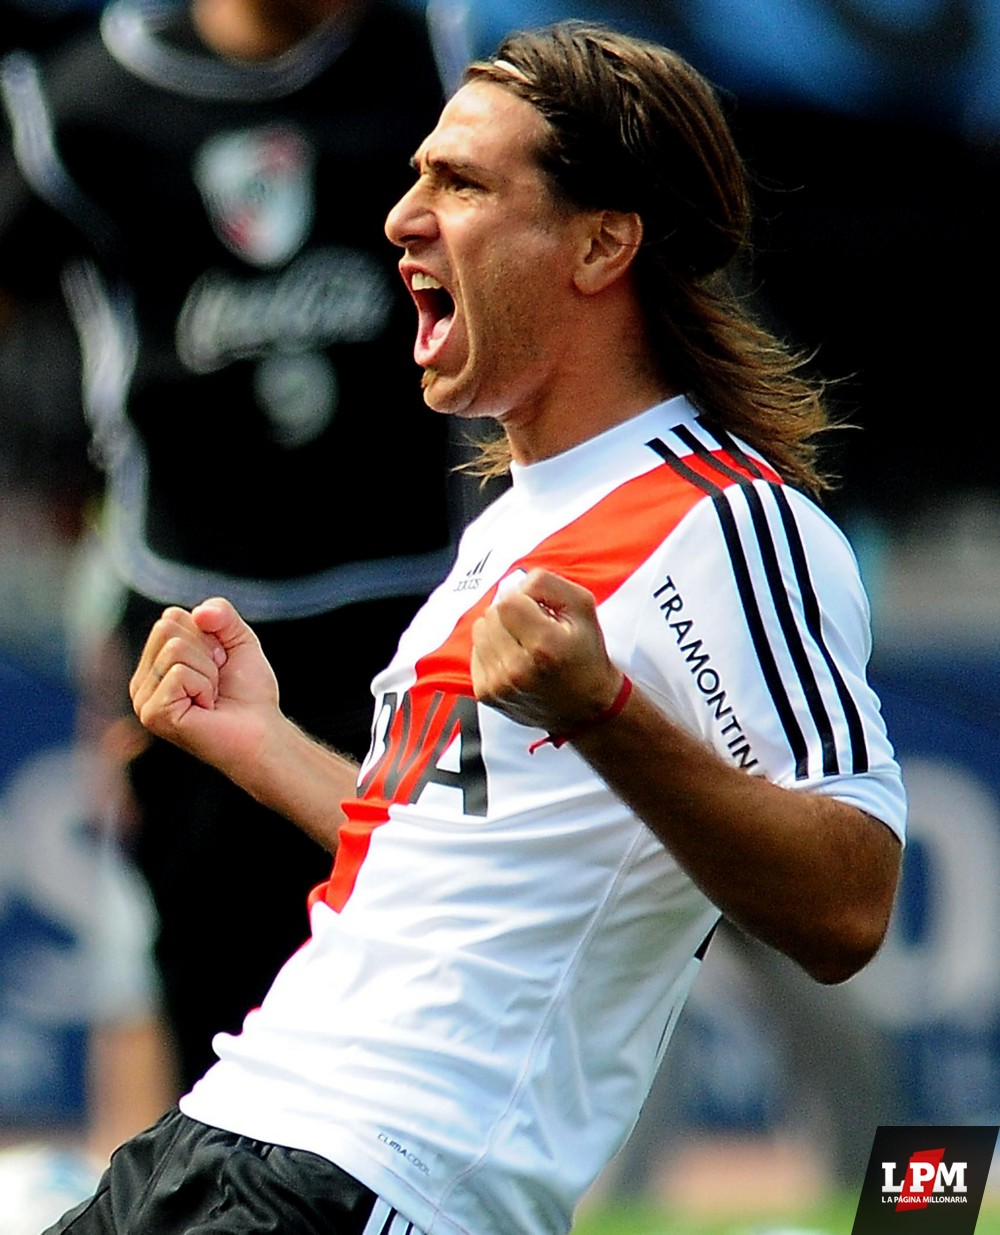 Ponzio, uno de los jugadores más emblemáticos del River, sufrió lesiones repetidas debidas a una infección dental